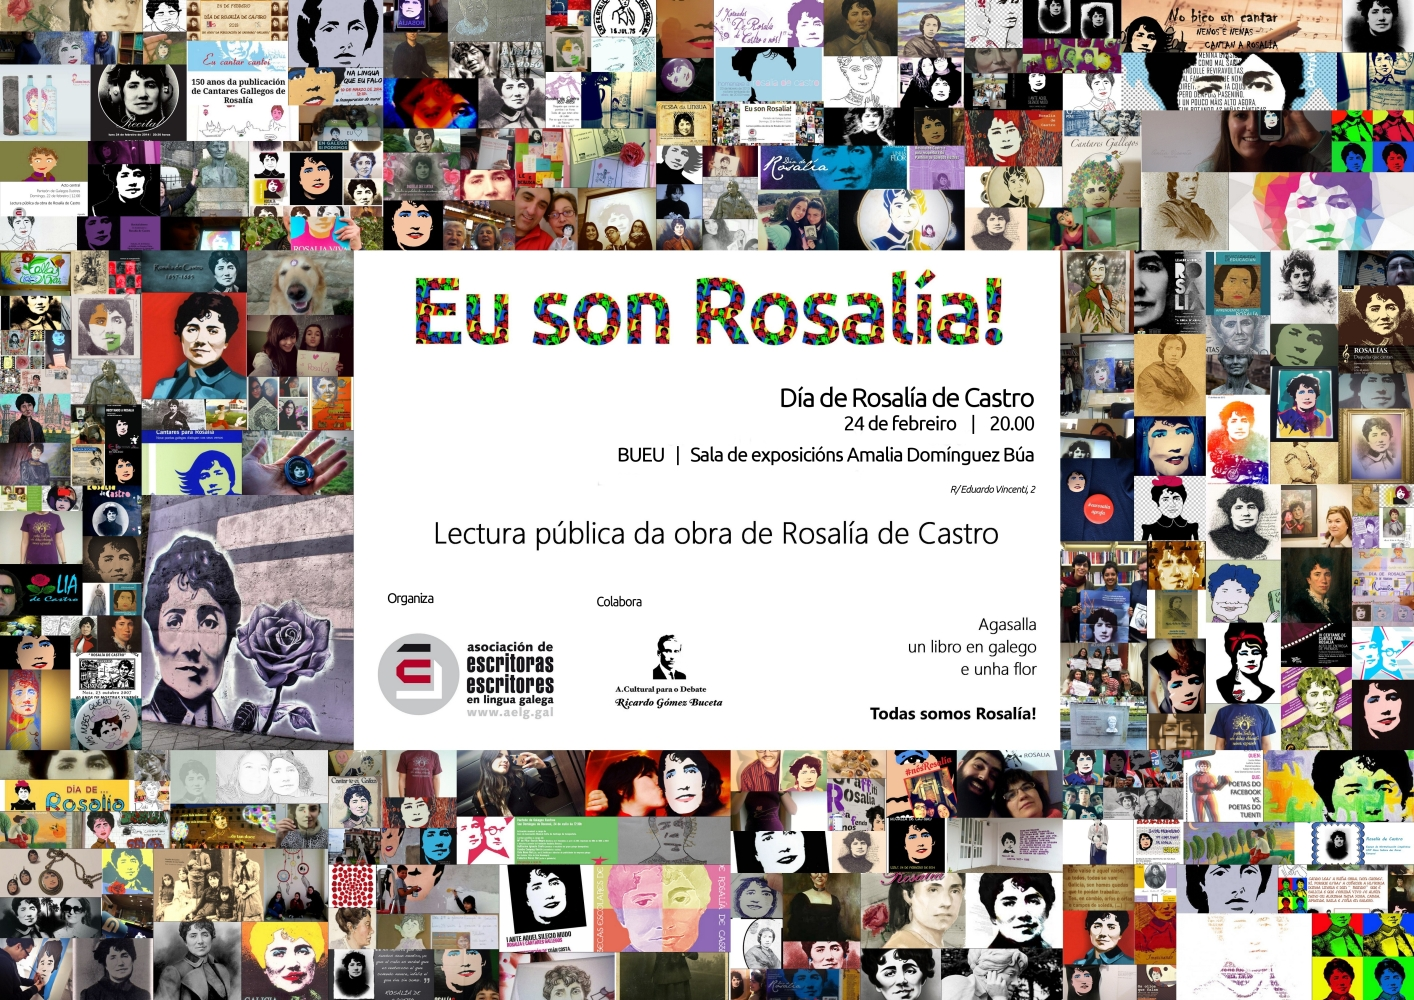 2015-02-24 BUeu Eu Son Rosalía